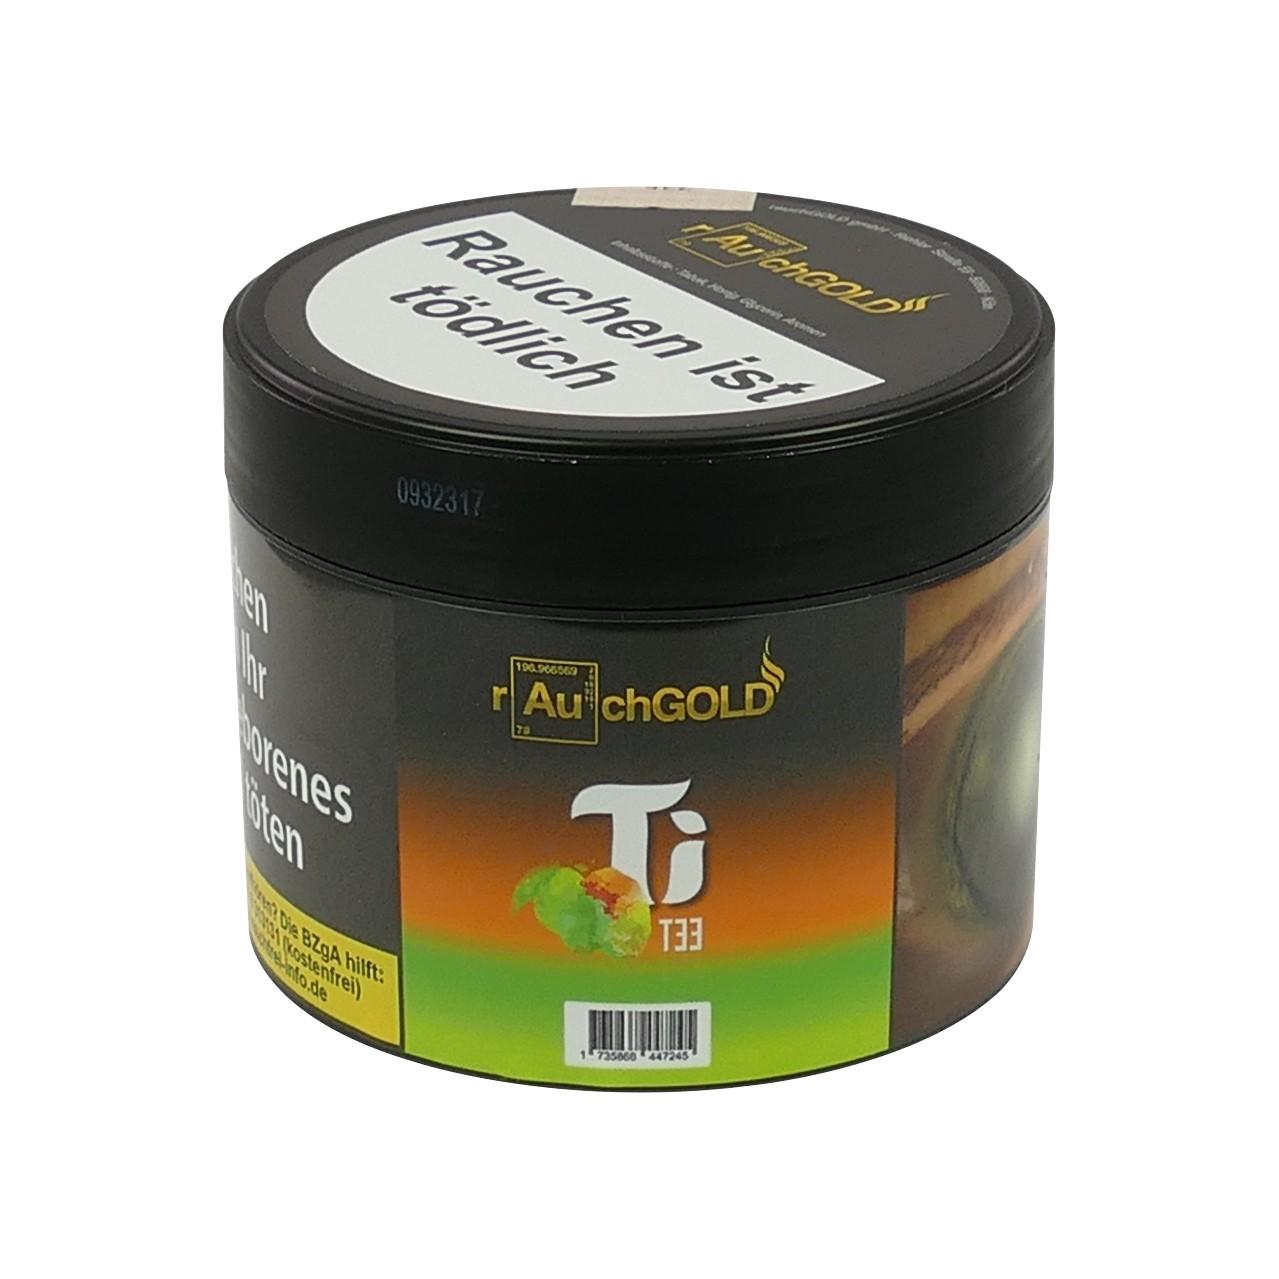 Rauchgold Mango Limette Earl Grey (Ti Tee) Shisha Tabak, 200g